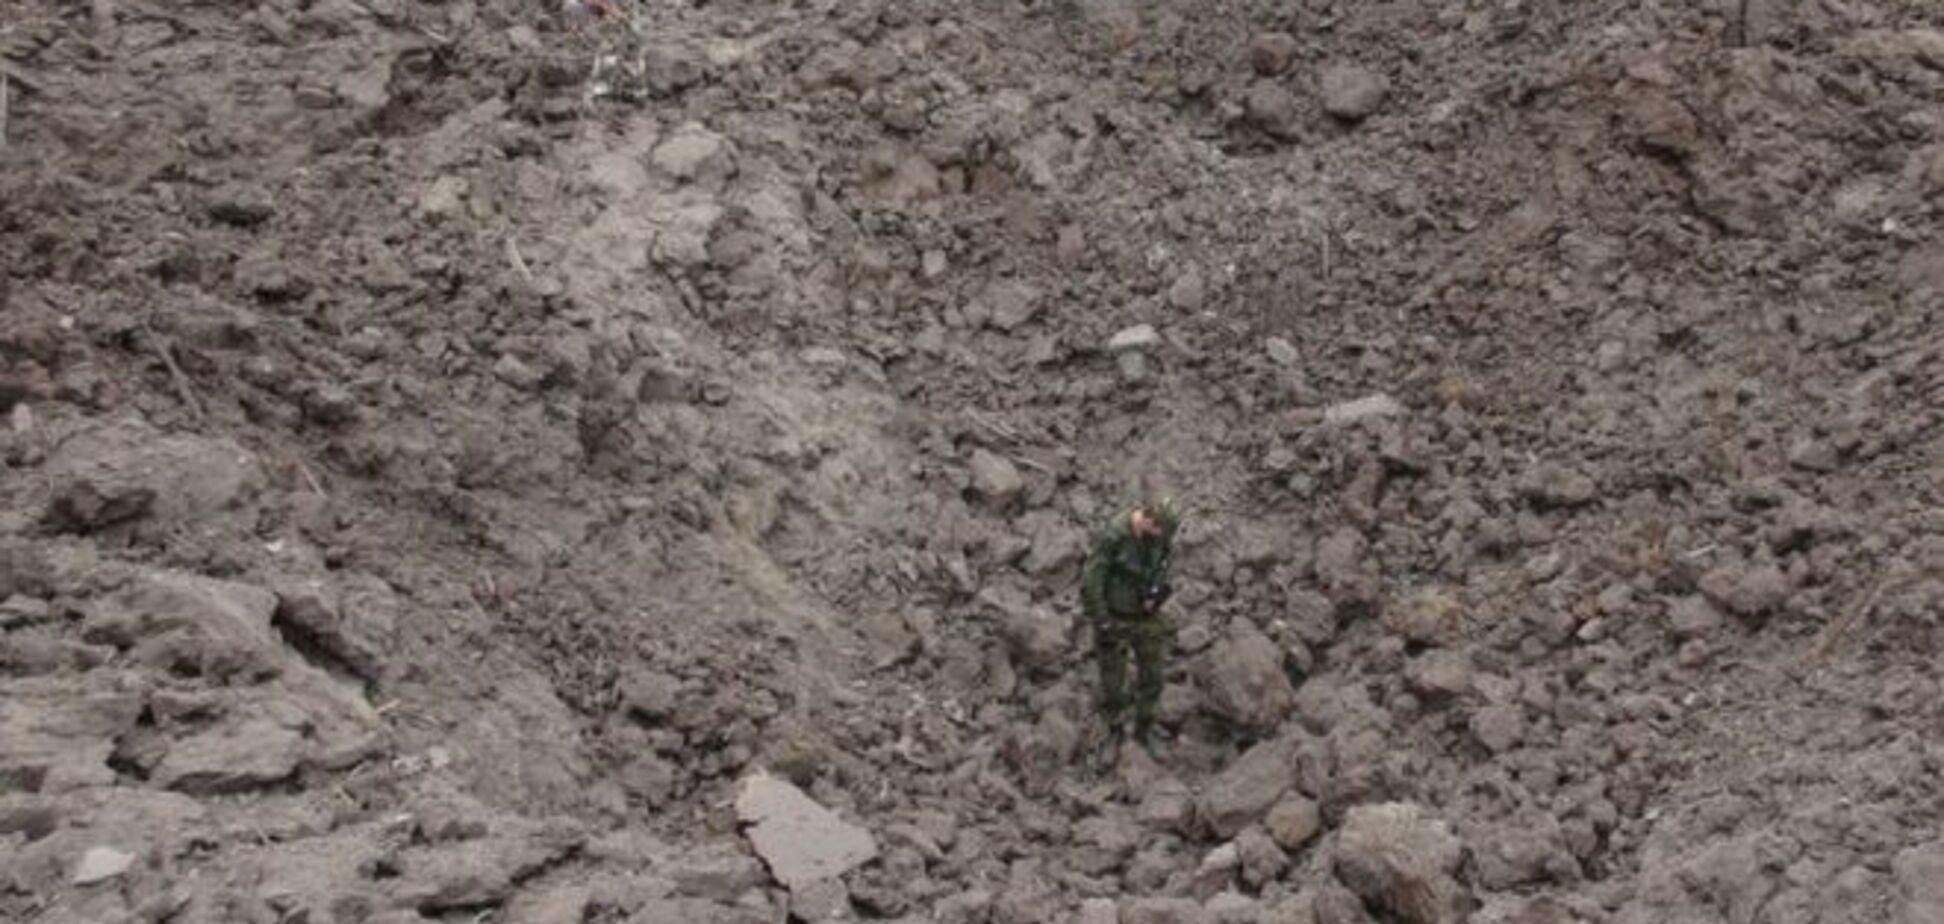 На месте взрыва в Донецке образовалась огромная воронка: фотофакт